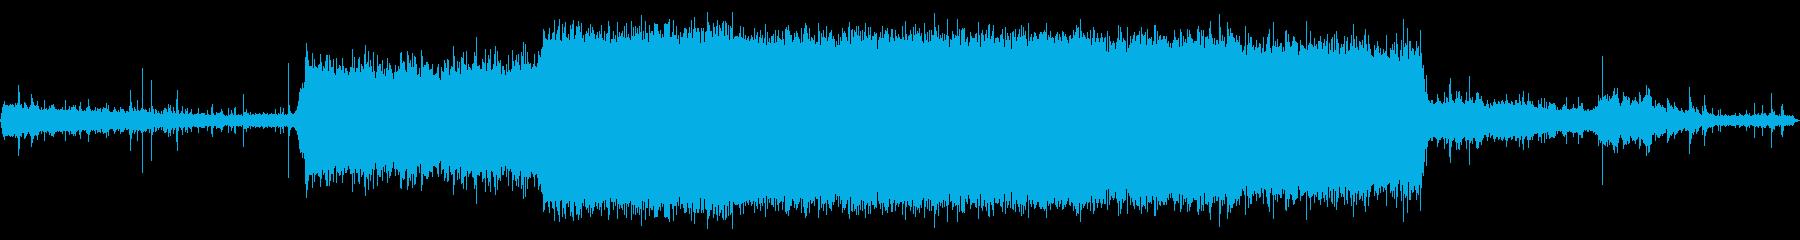 ハイスクールロッカールーム:シャワ...の再生済みの波形